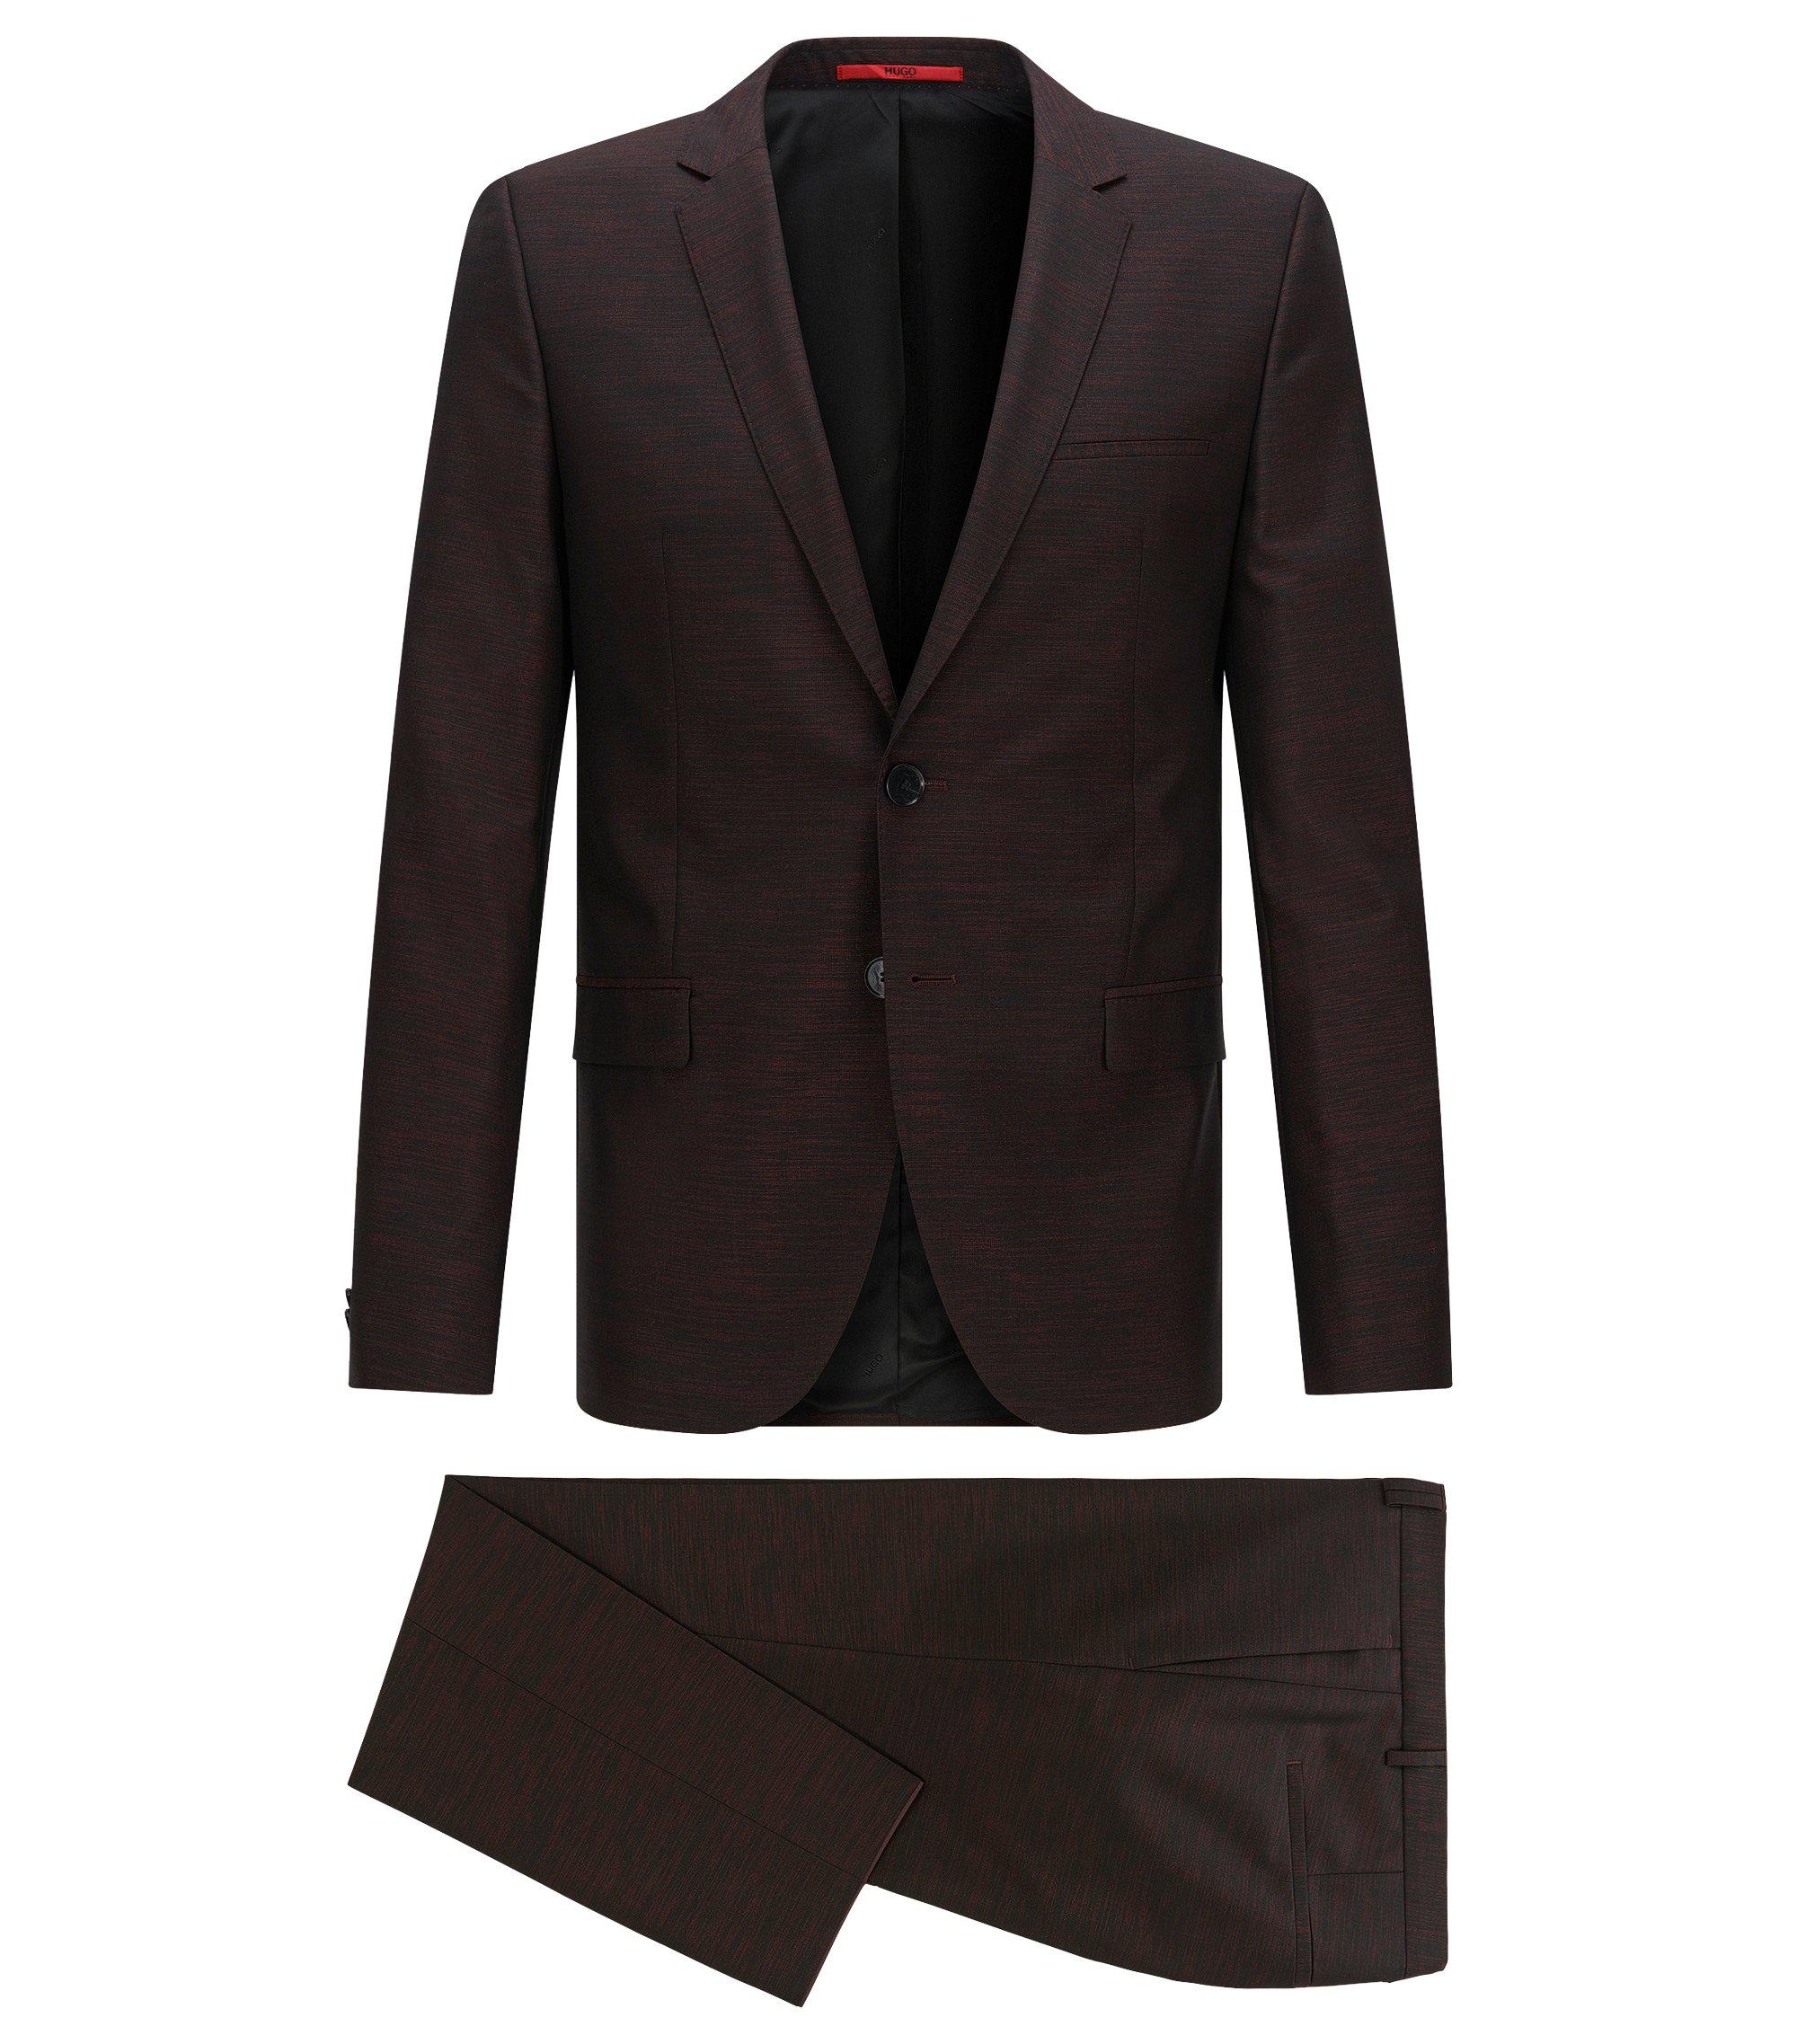 Virgin Wool Blend Suit, Slim Fit | Arti/Heston, Dark Red